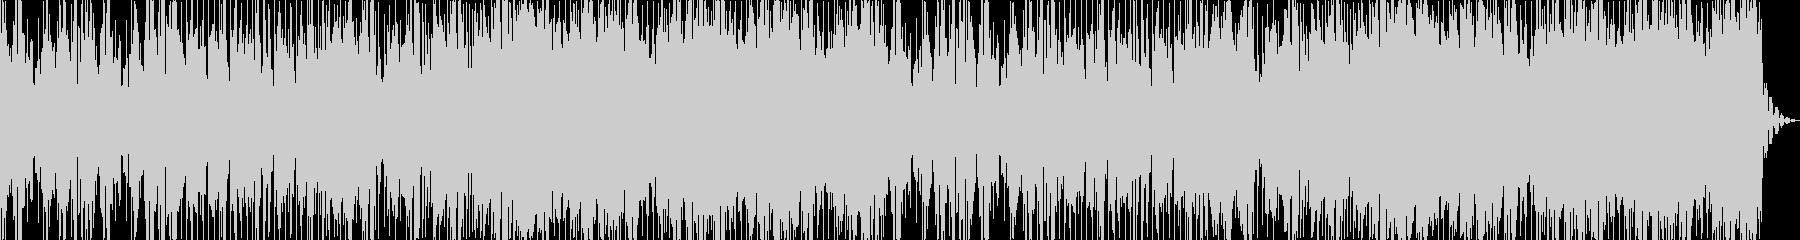 オシャレなノリ良いサックスEDMの未再生の波形